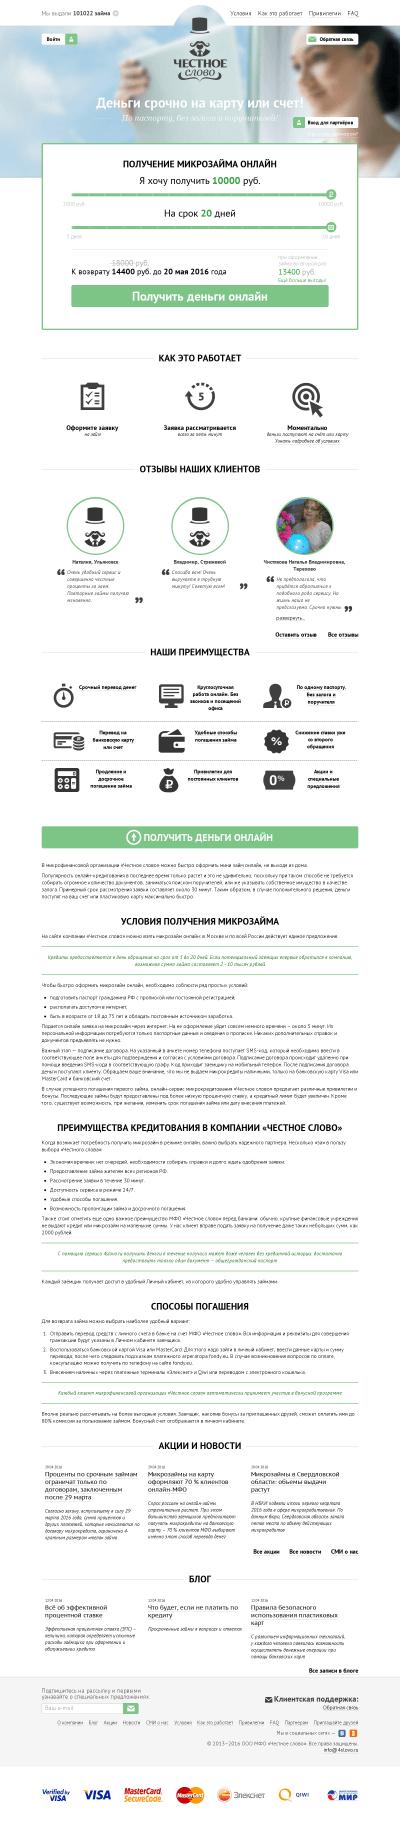 Автоломбард в Кирове под залог ПТС круглосуточно